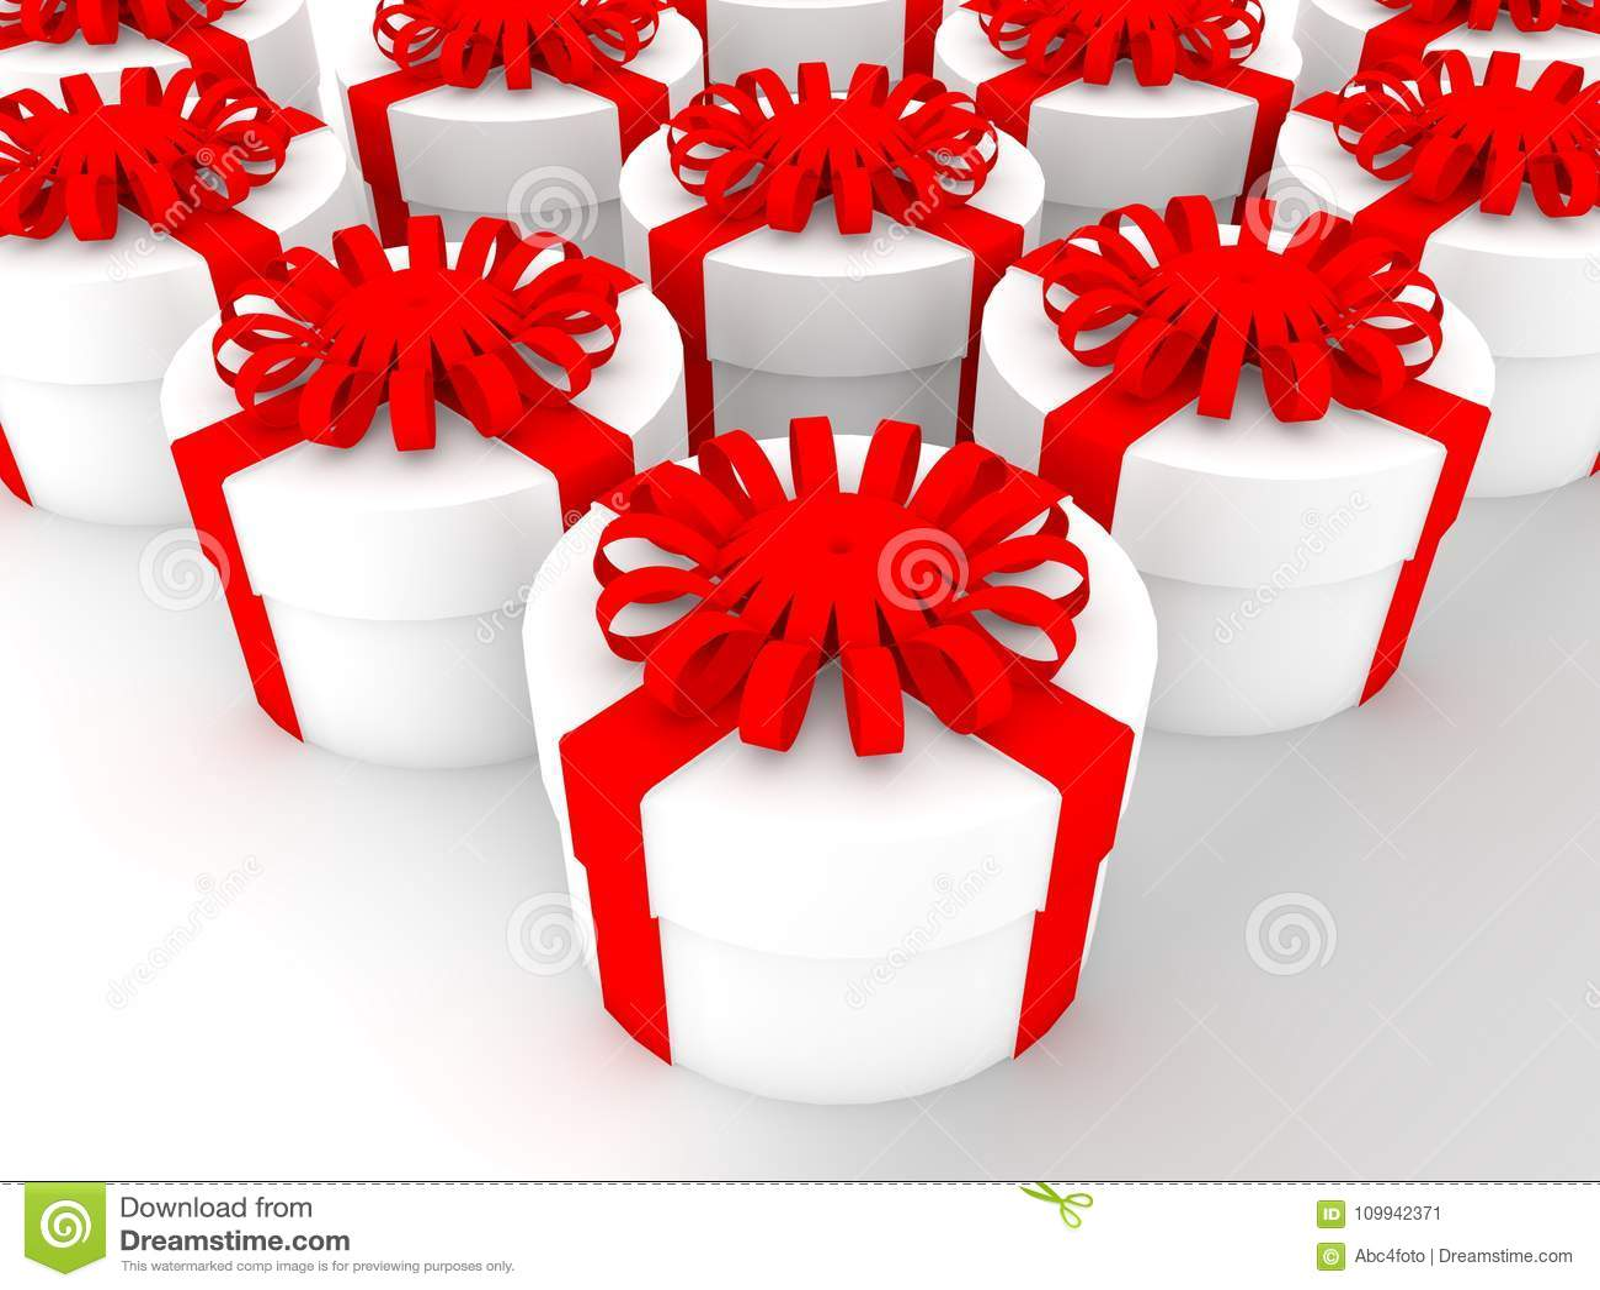 Круглые подарочные коробки в белом цвете иллюстрация 3d